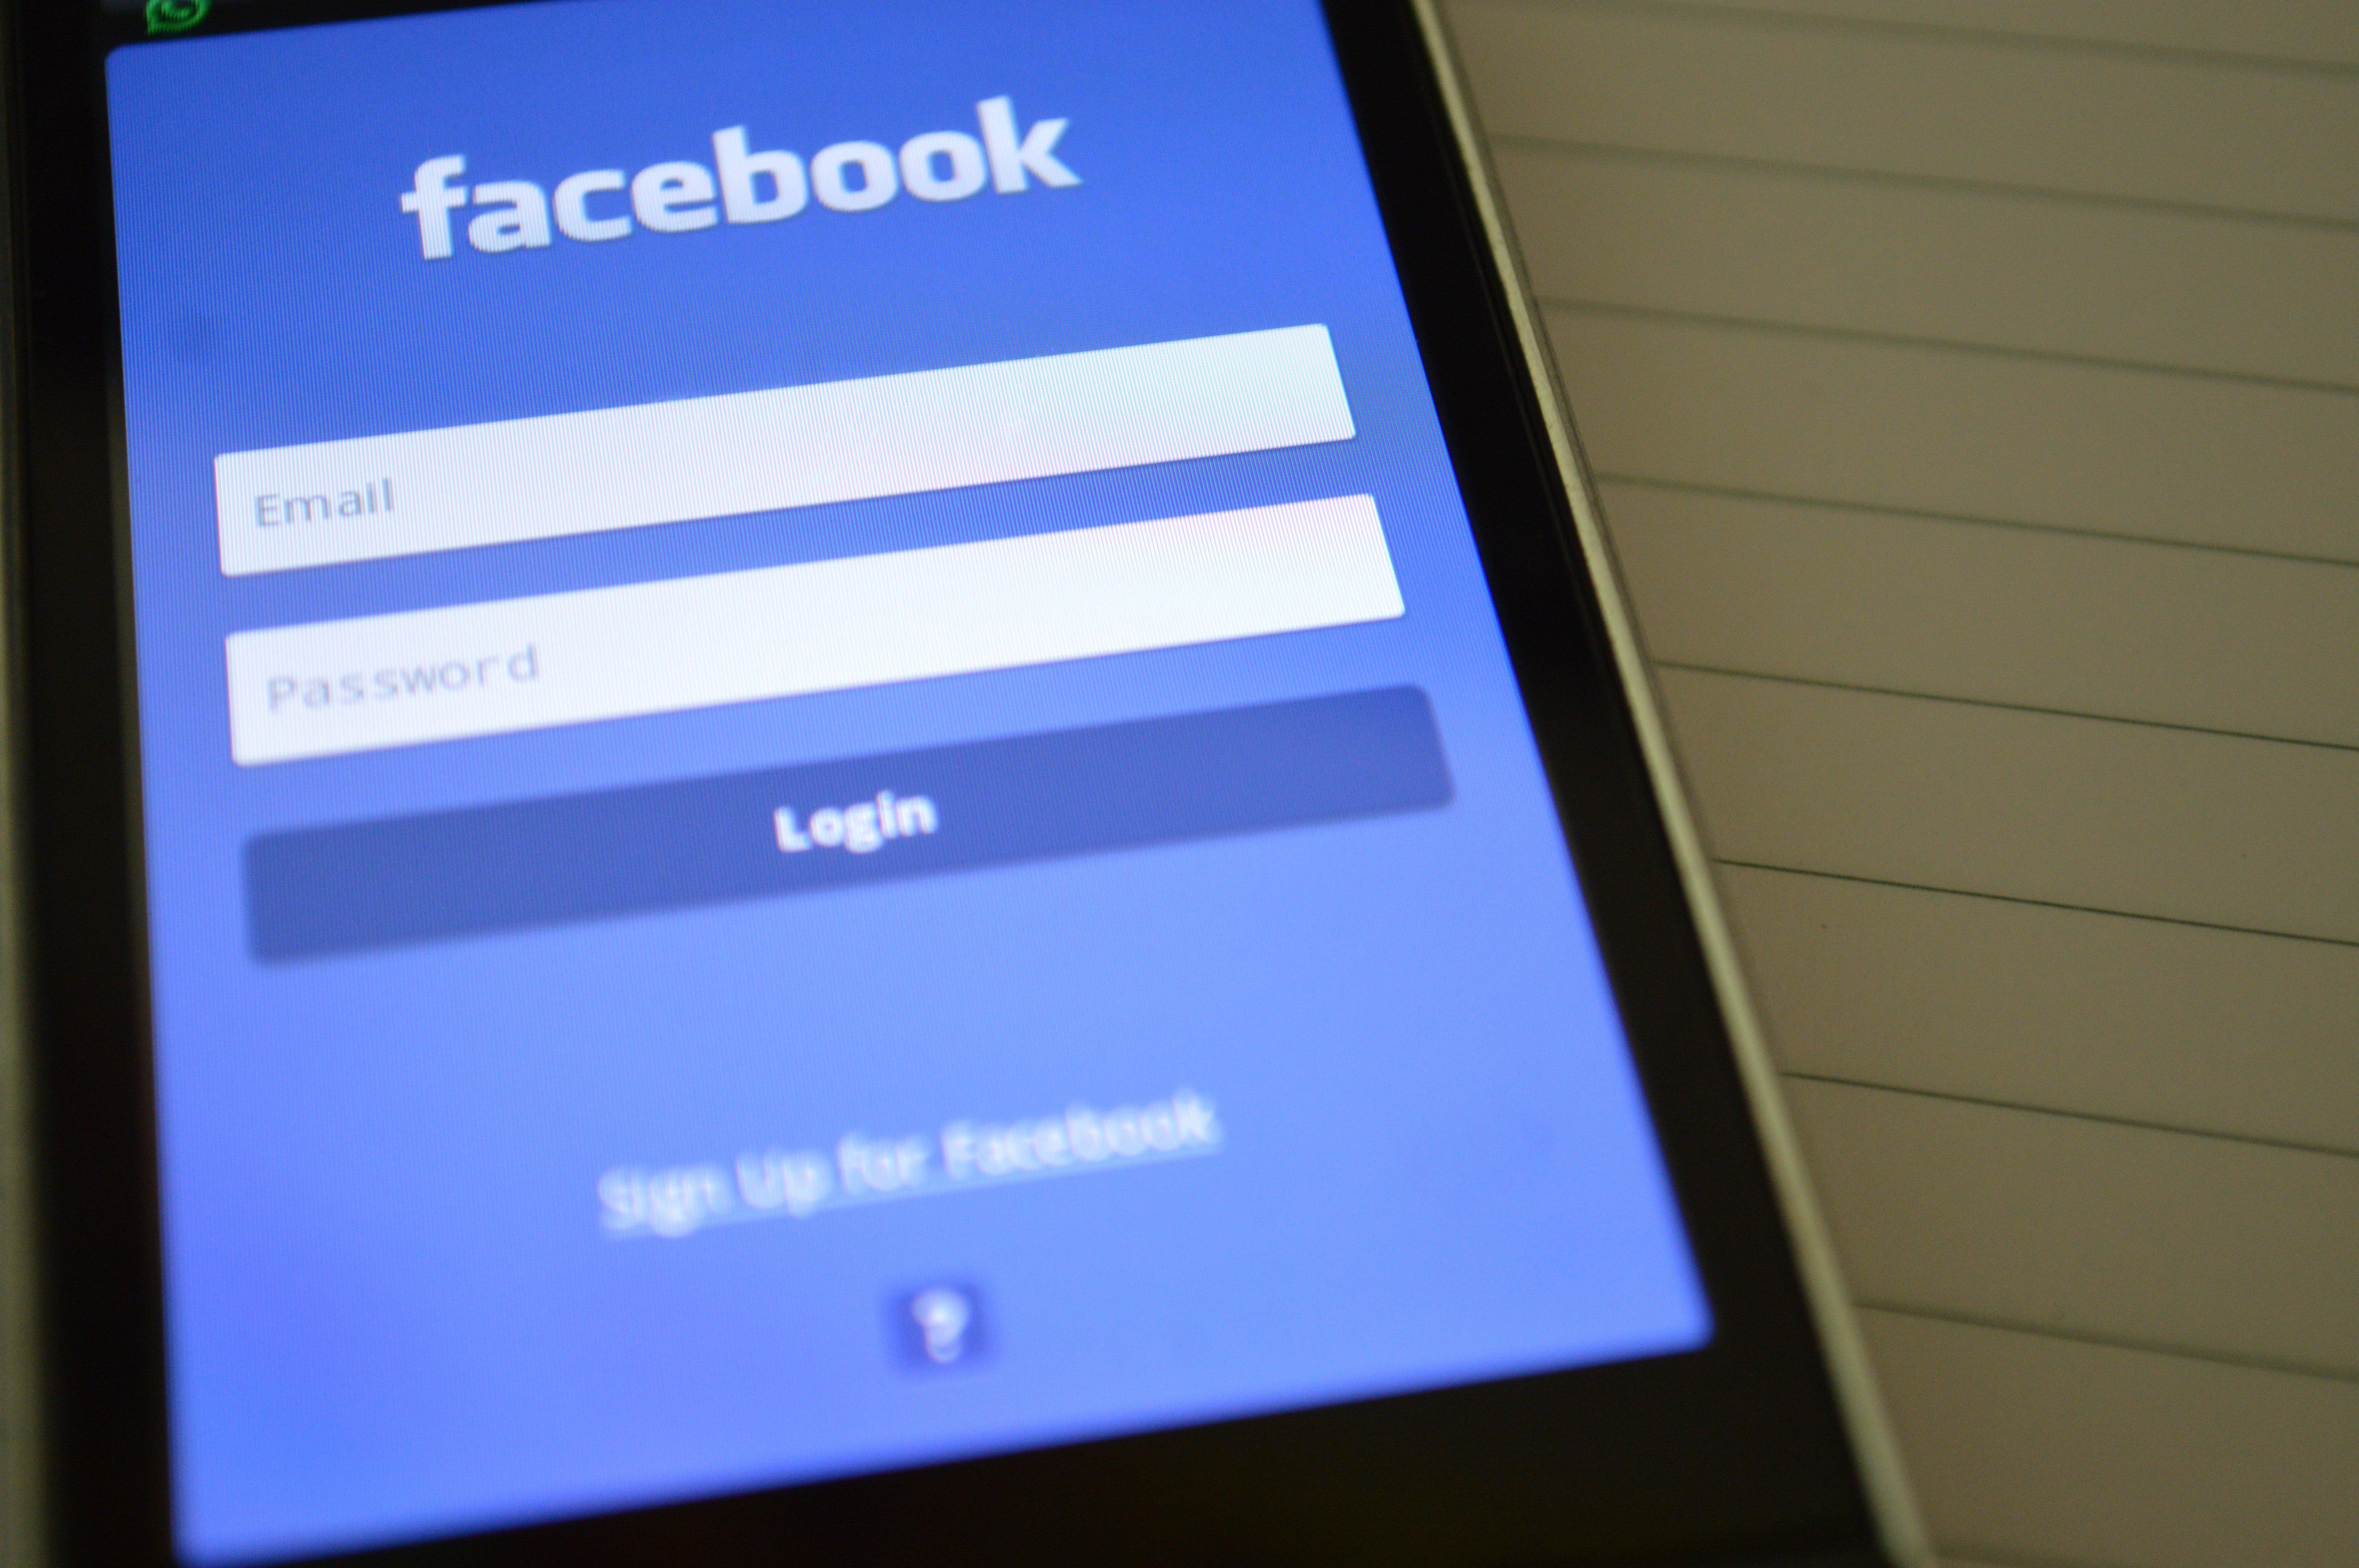 Nouvel accroc à la protection des données chez Facebook : 1,5 millions d'utilisateurs concernés 1